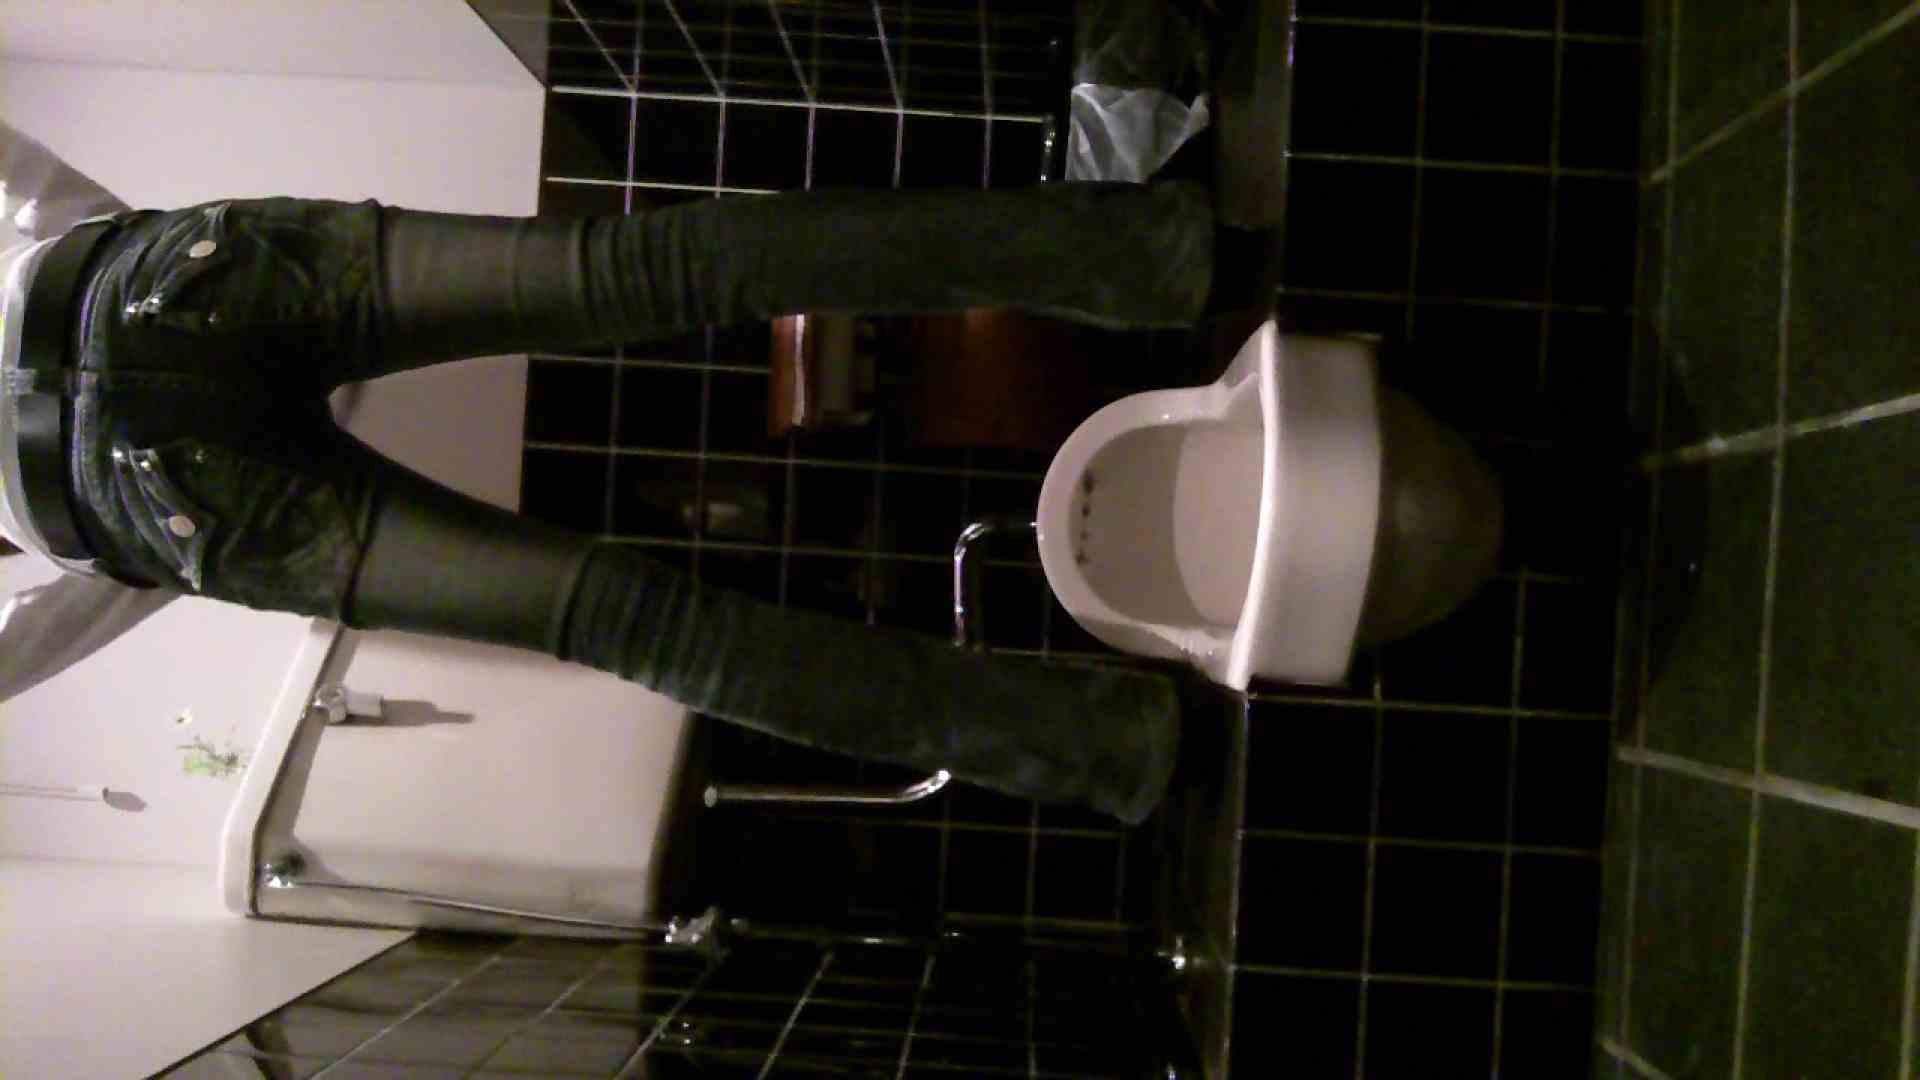 美女の集まる飲み屋洗面所 vol.01 エロティックなOL アダルト動画キャプチャ 74画像 32